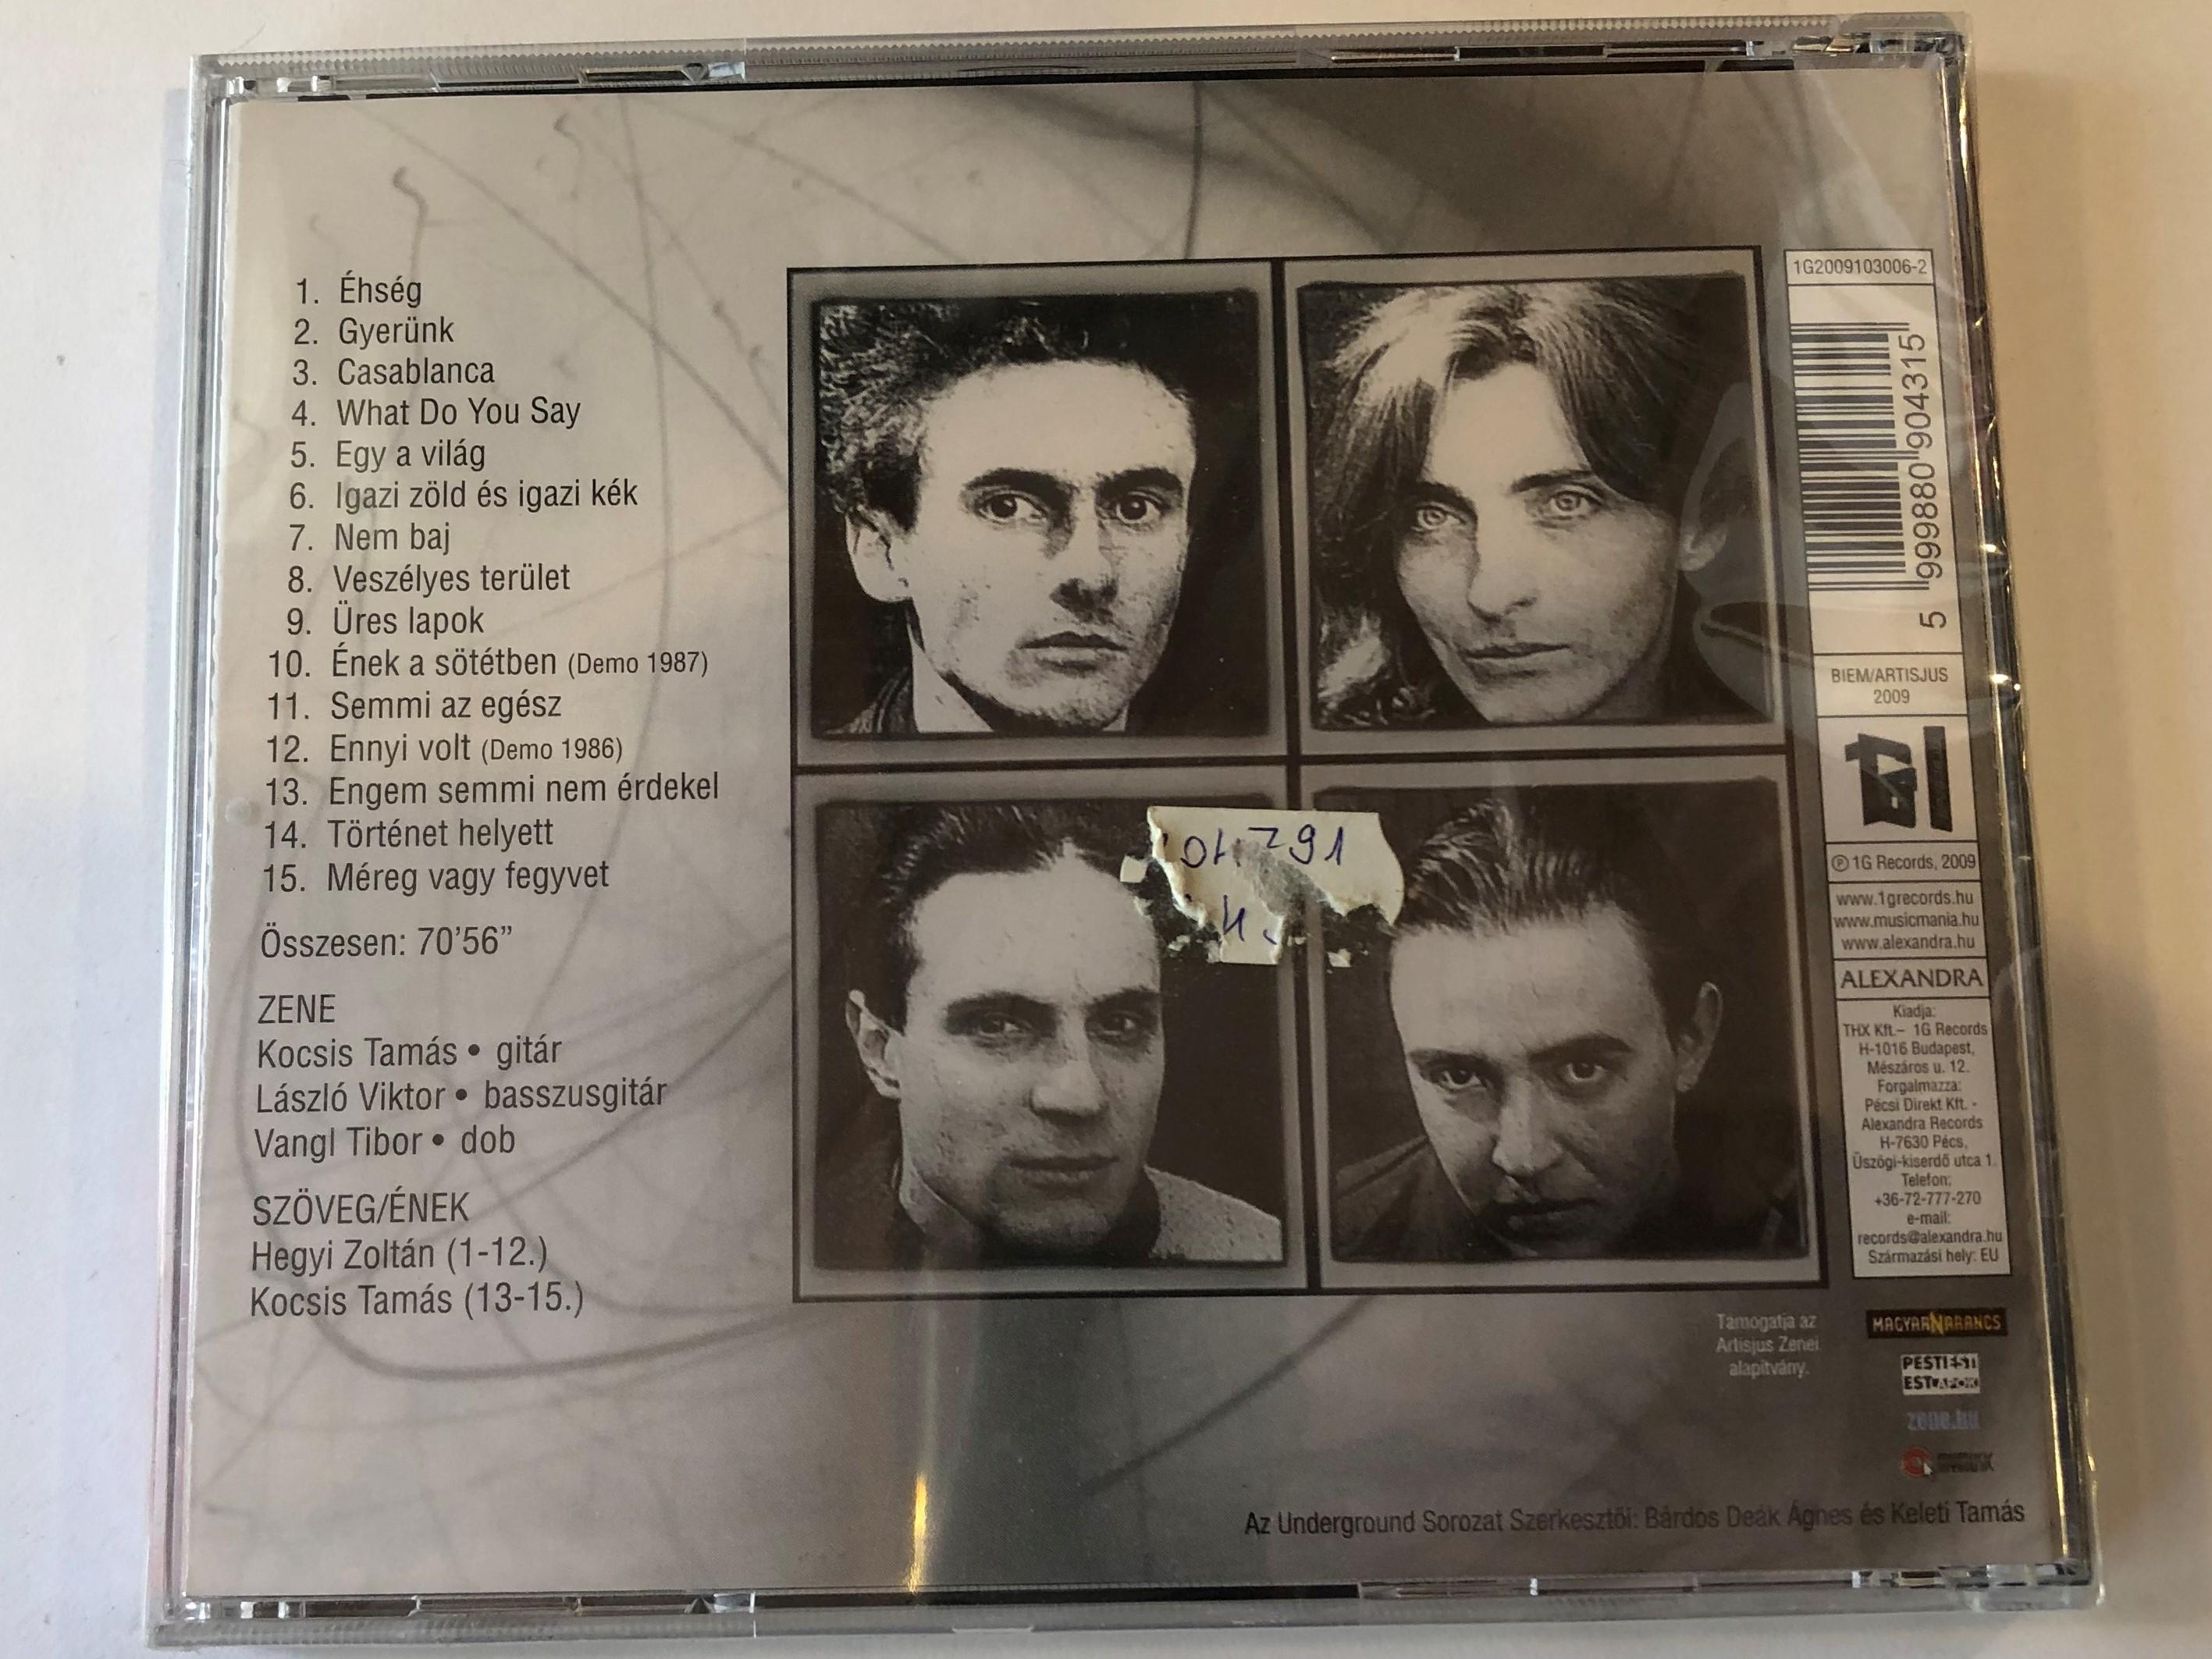 sexepil-egyes-lt-lmok-eddig-meg-nem-jelent-felvetelek-1986-88-1g-records-audio-cd-2009-1g2009103006-2-2-.jpg